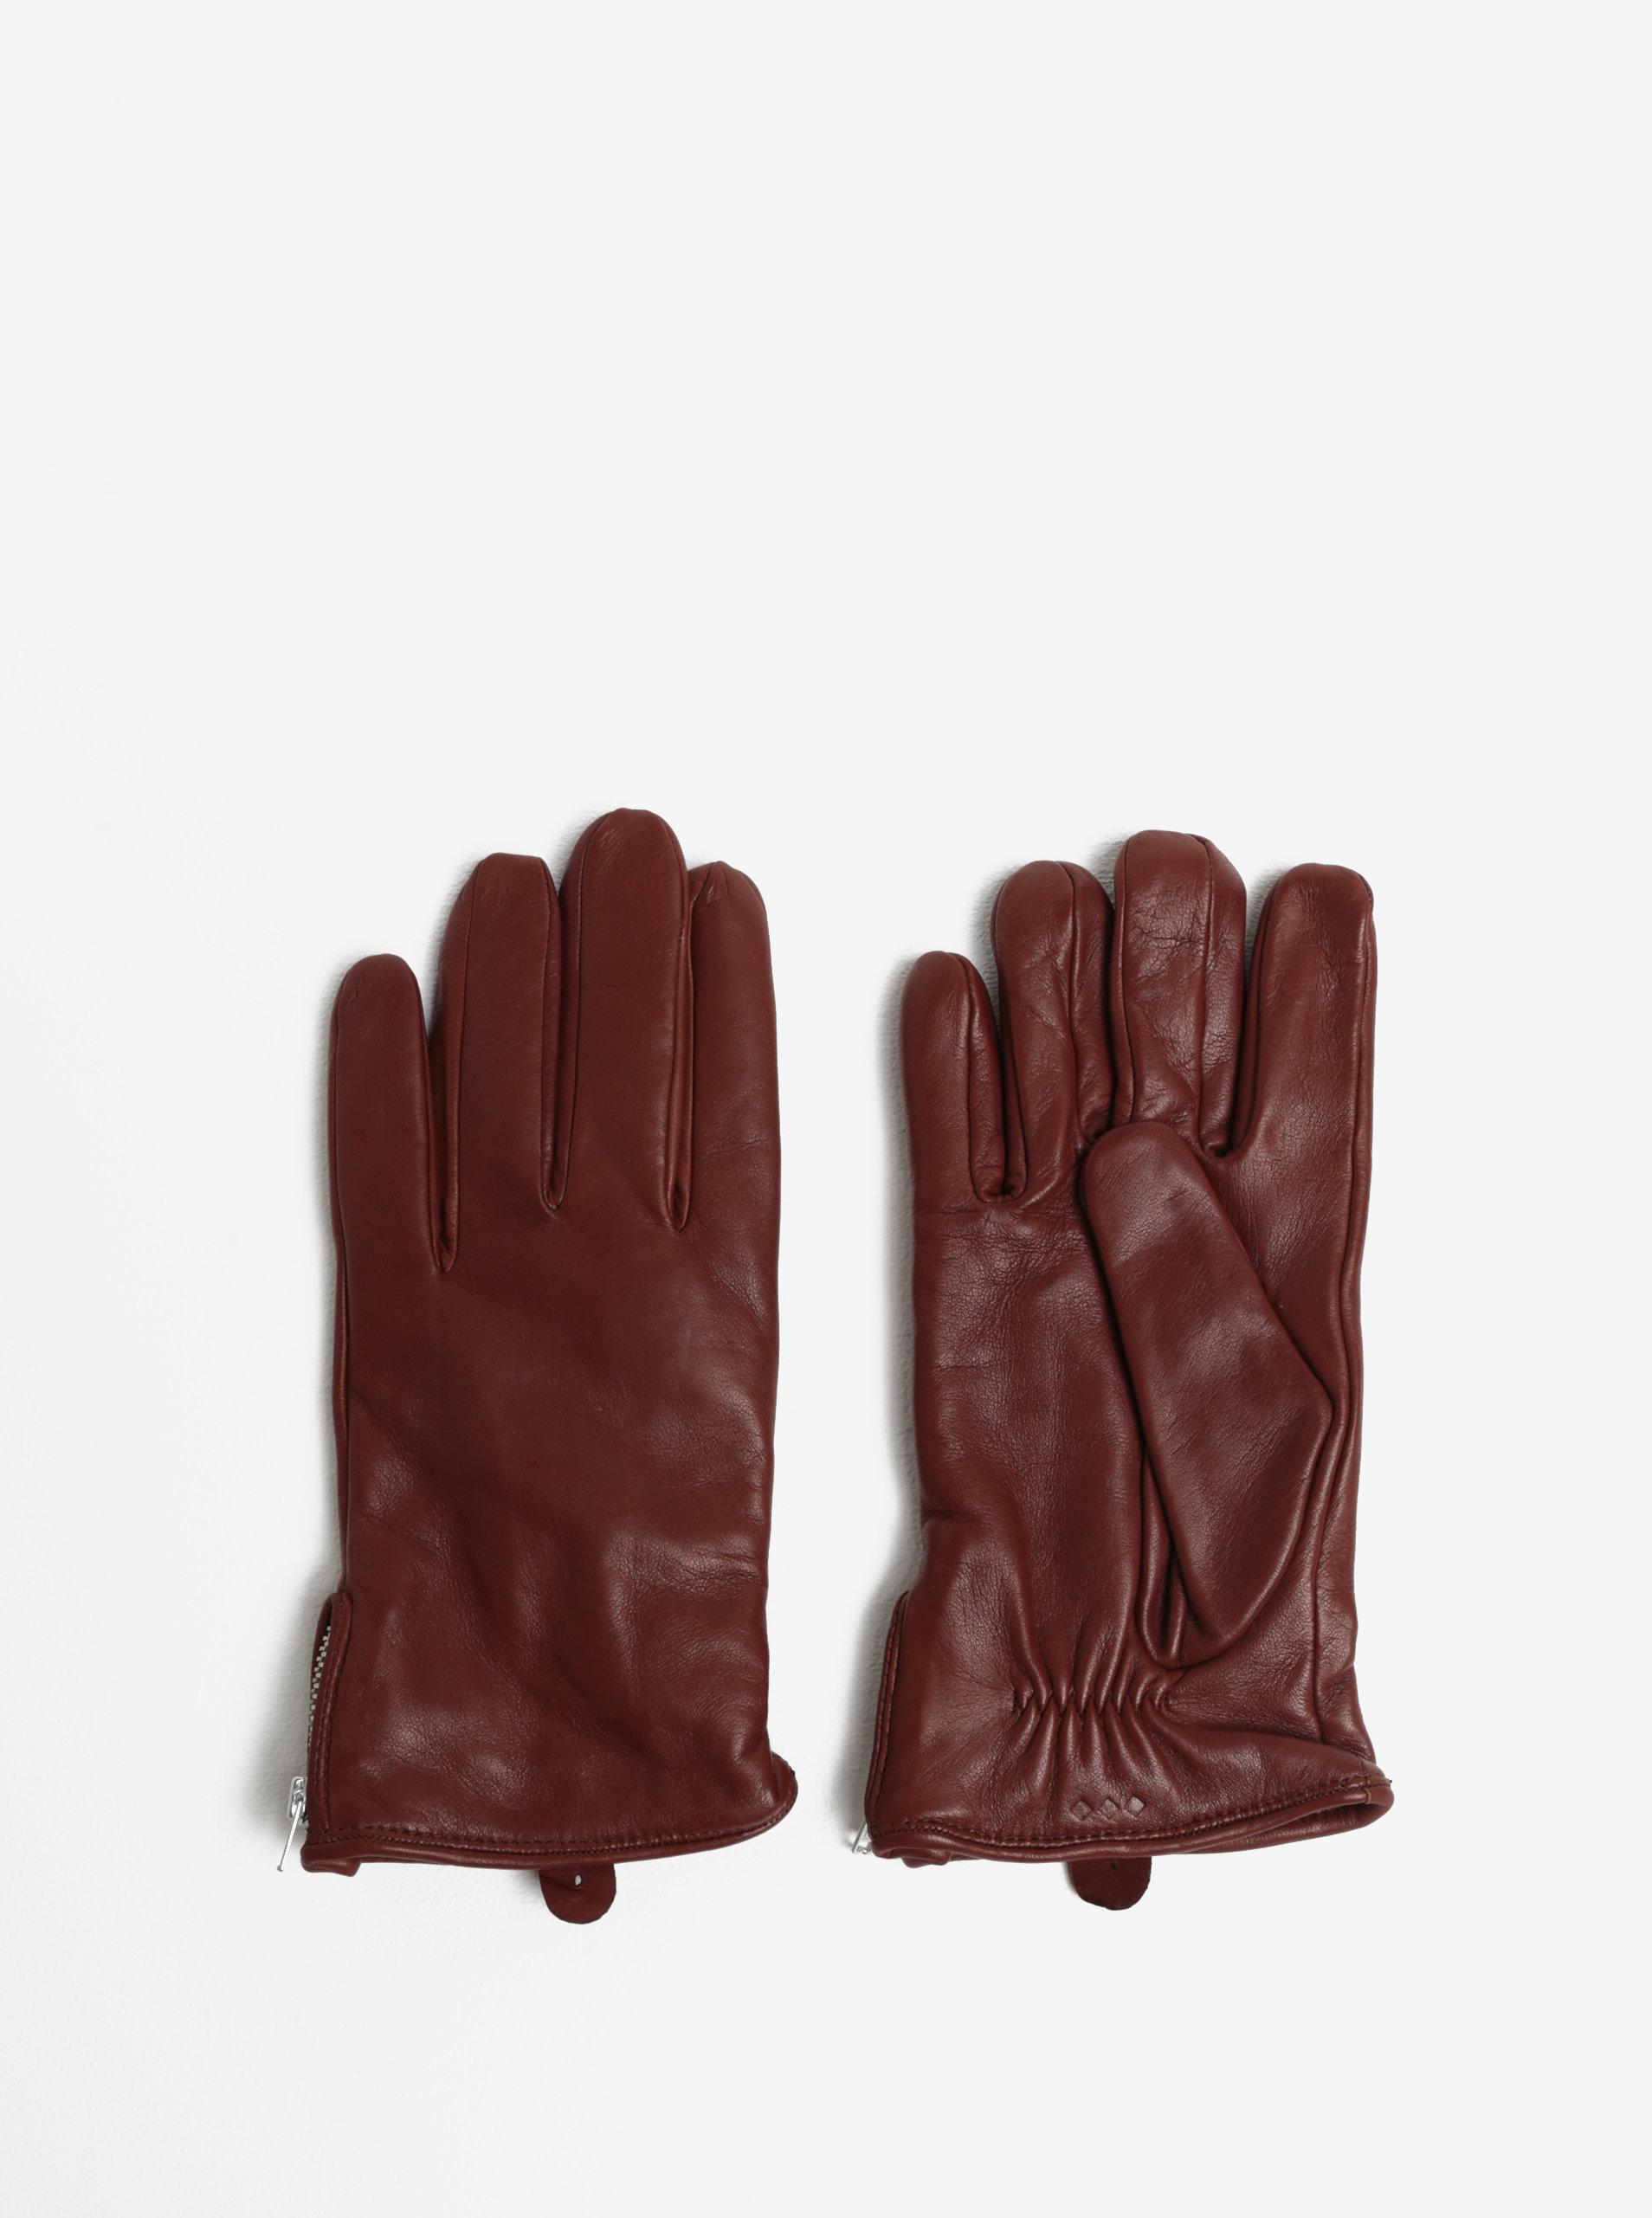 338f0f4e4f6 Hnědé pánské kožené rukavice se zipem a kašmírovou podšívkou Royal RepubliQ  ...